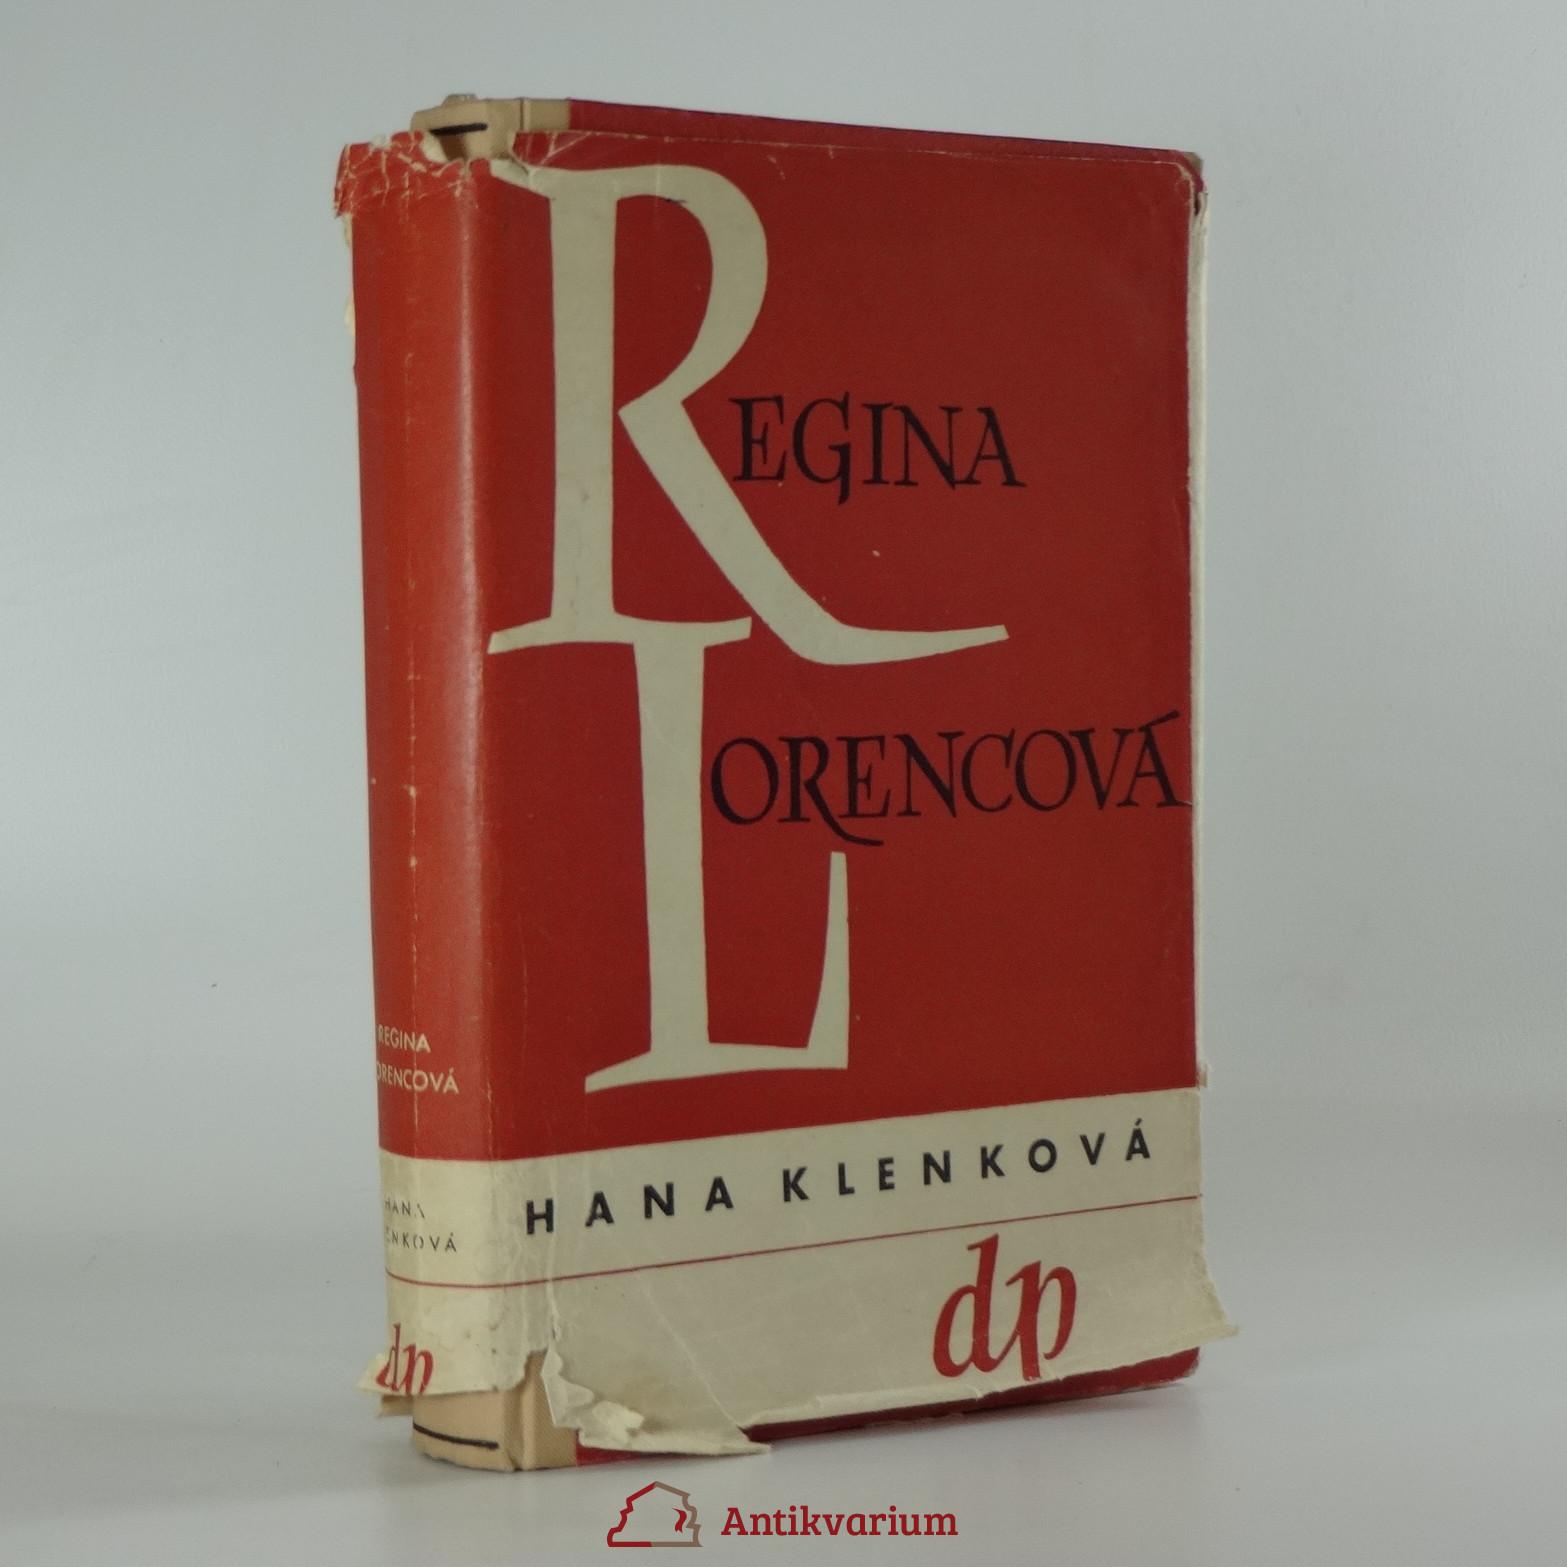 antikvární kniha Regina Lorencová, 1947